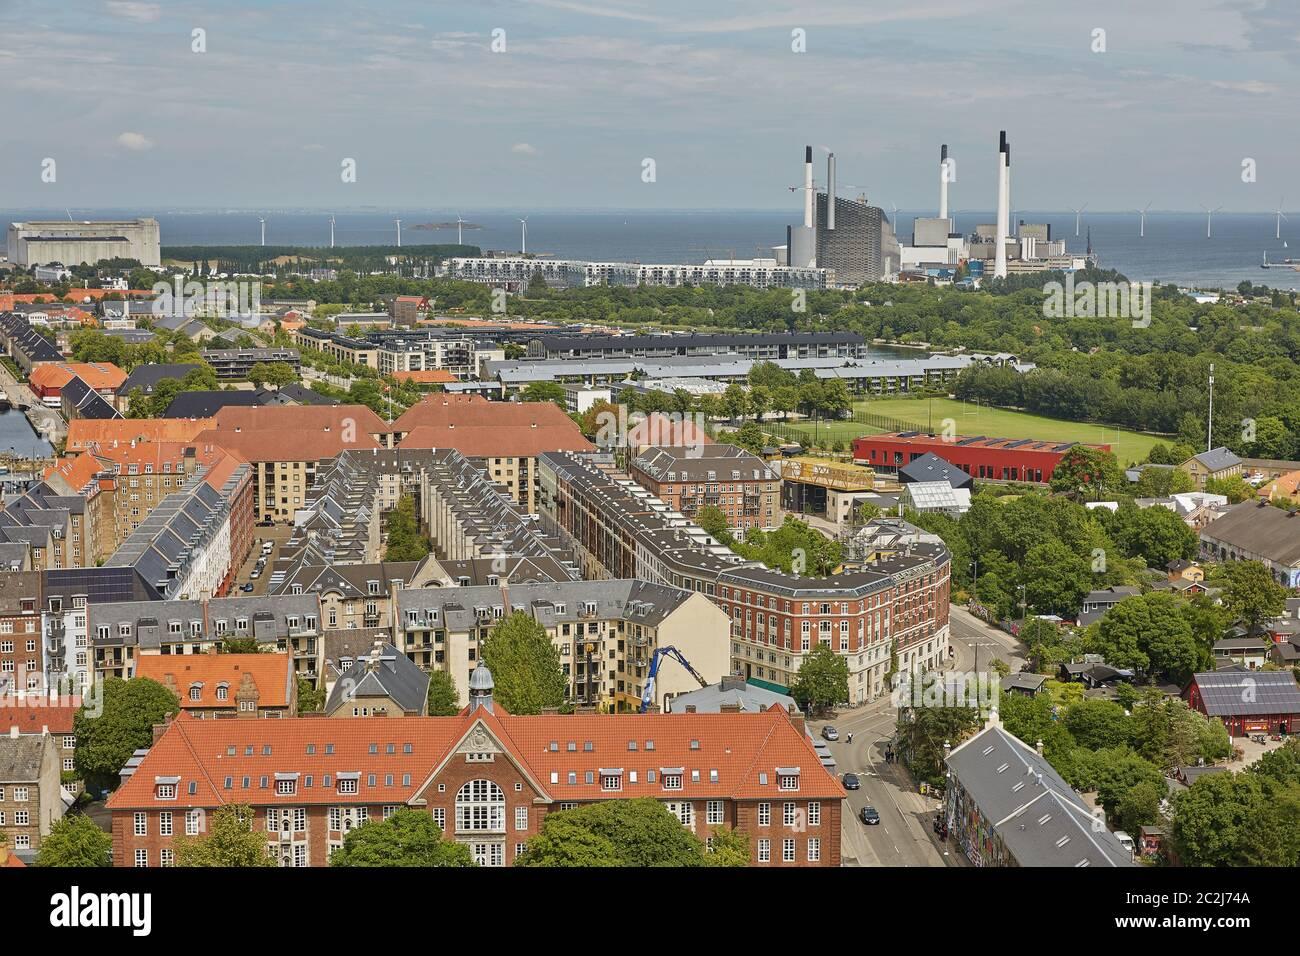 Horizonte de la ciudad escandinava de Copenhague en Dinamarca durante un día nublado Foto de stock